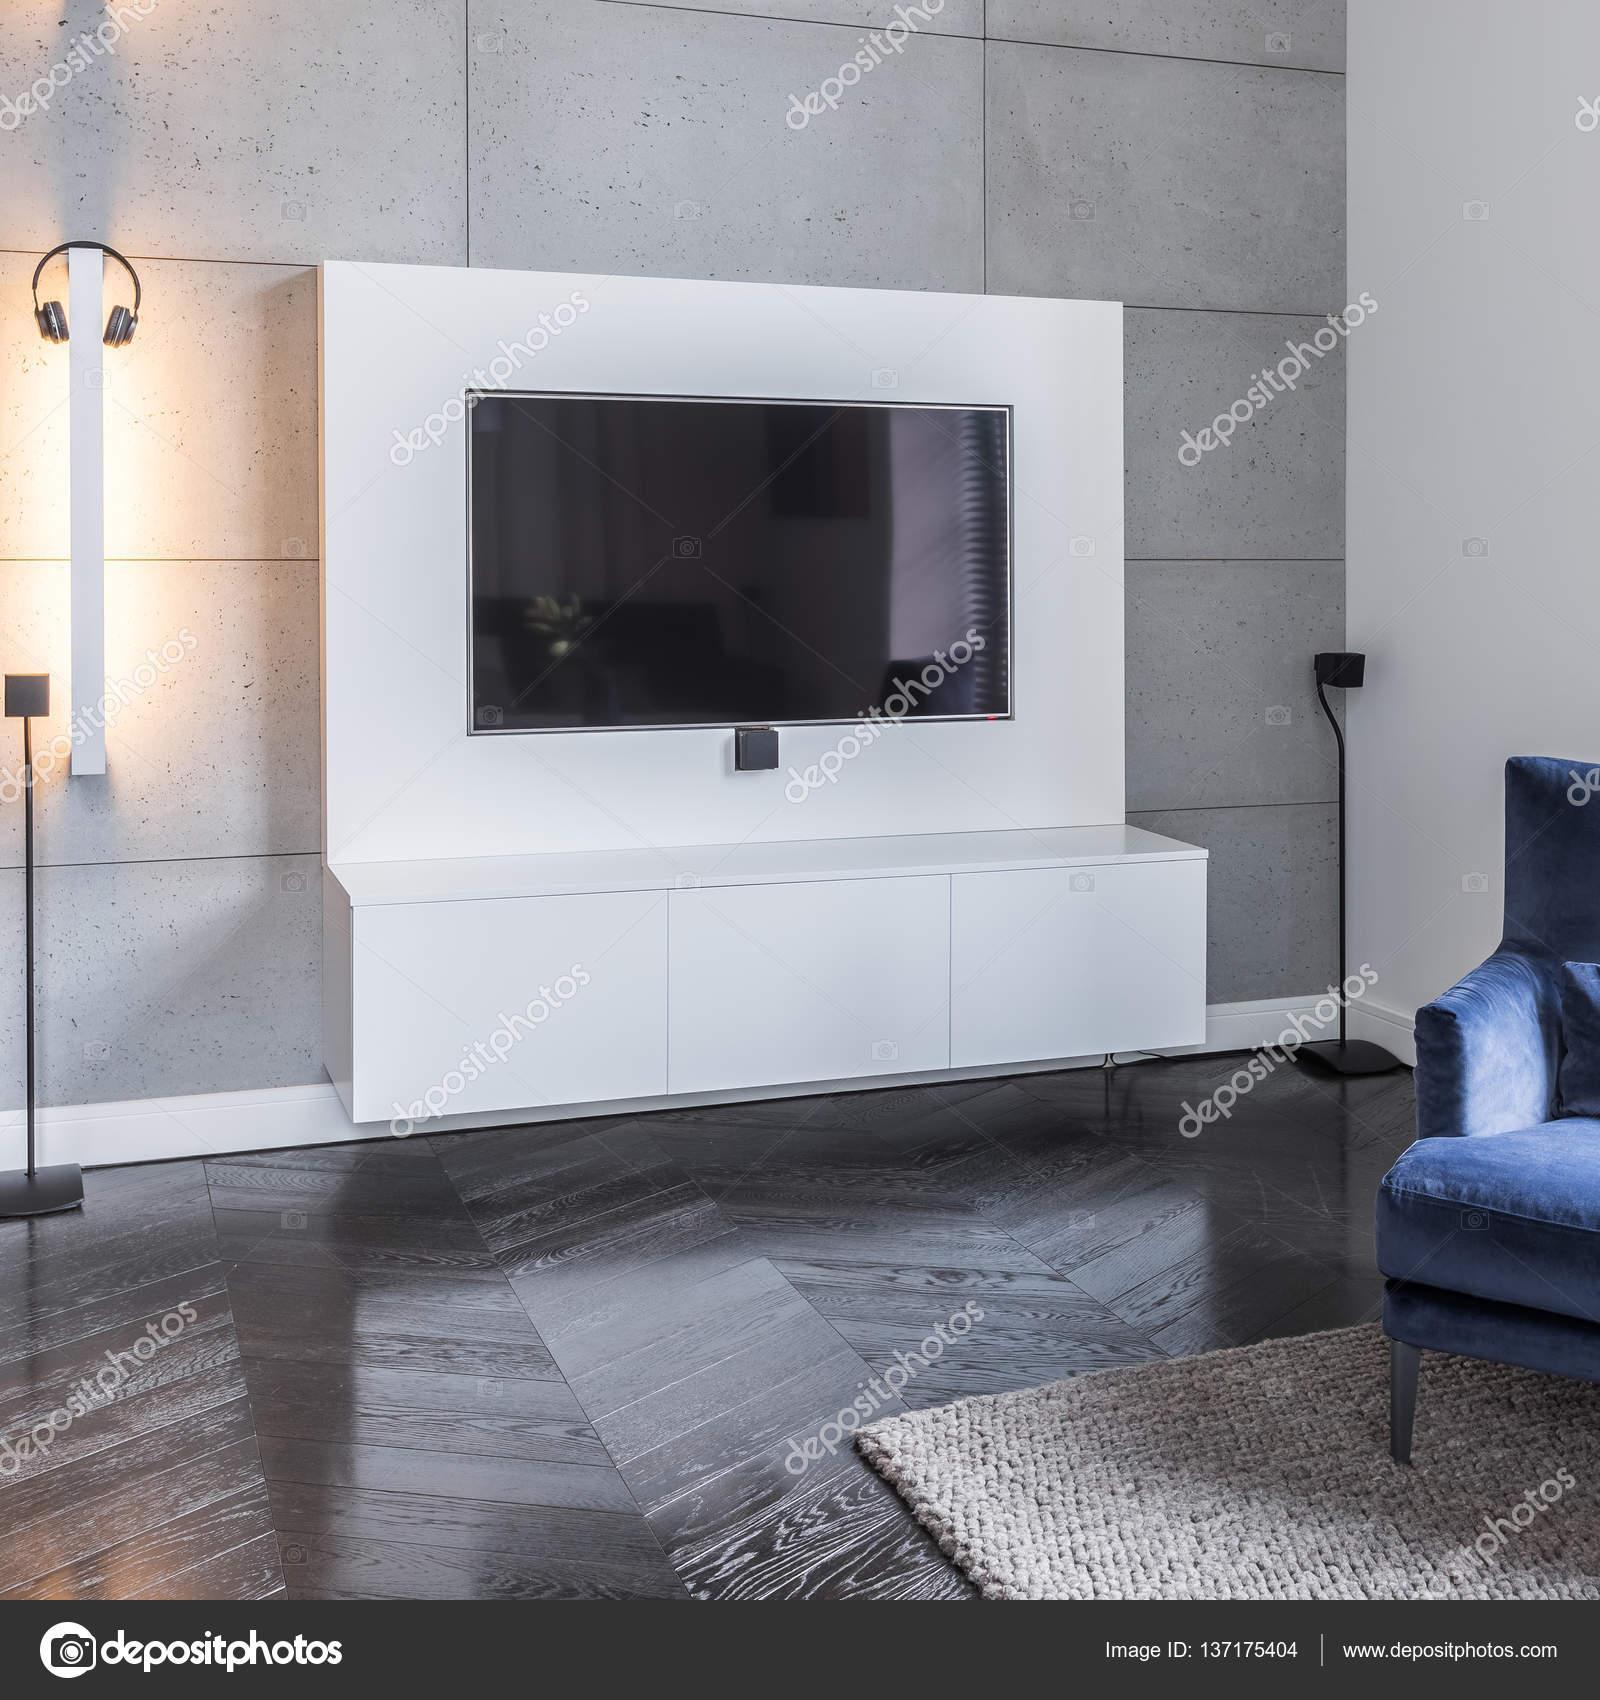 https://st3.depositphotos.com/6297298/13717/i/1600/depositphotos_137175404-stockafbeelding-grijs-woonkamer-met-televisie.jpg